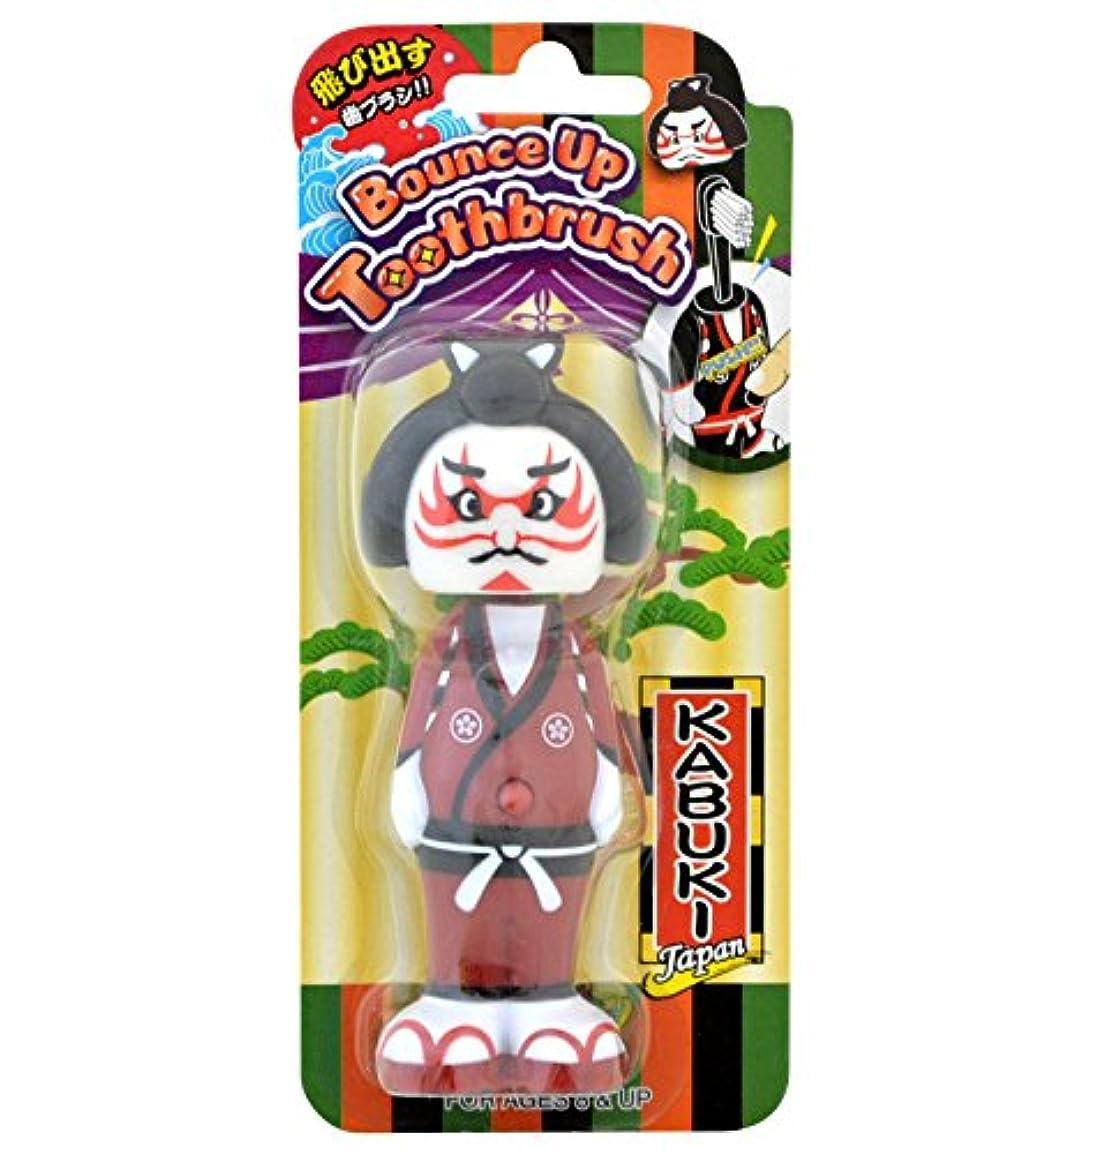 間違いエスカレート軸バウンスアップ歯ブラシ 歌舞伎 レッド